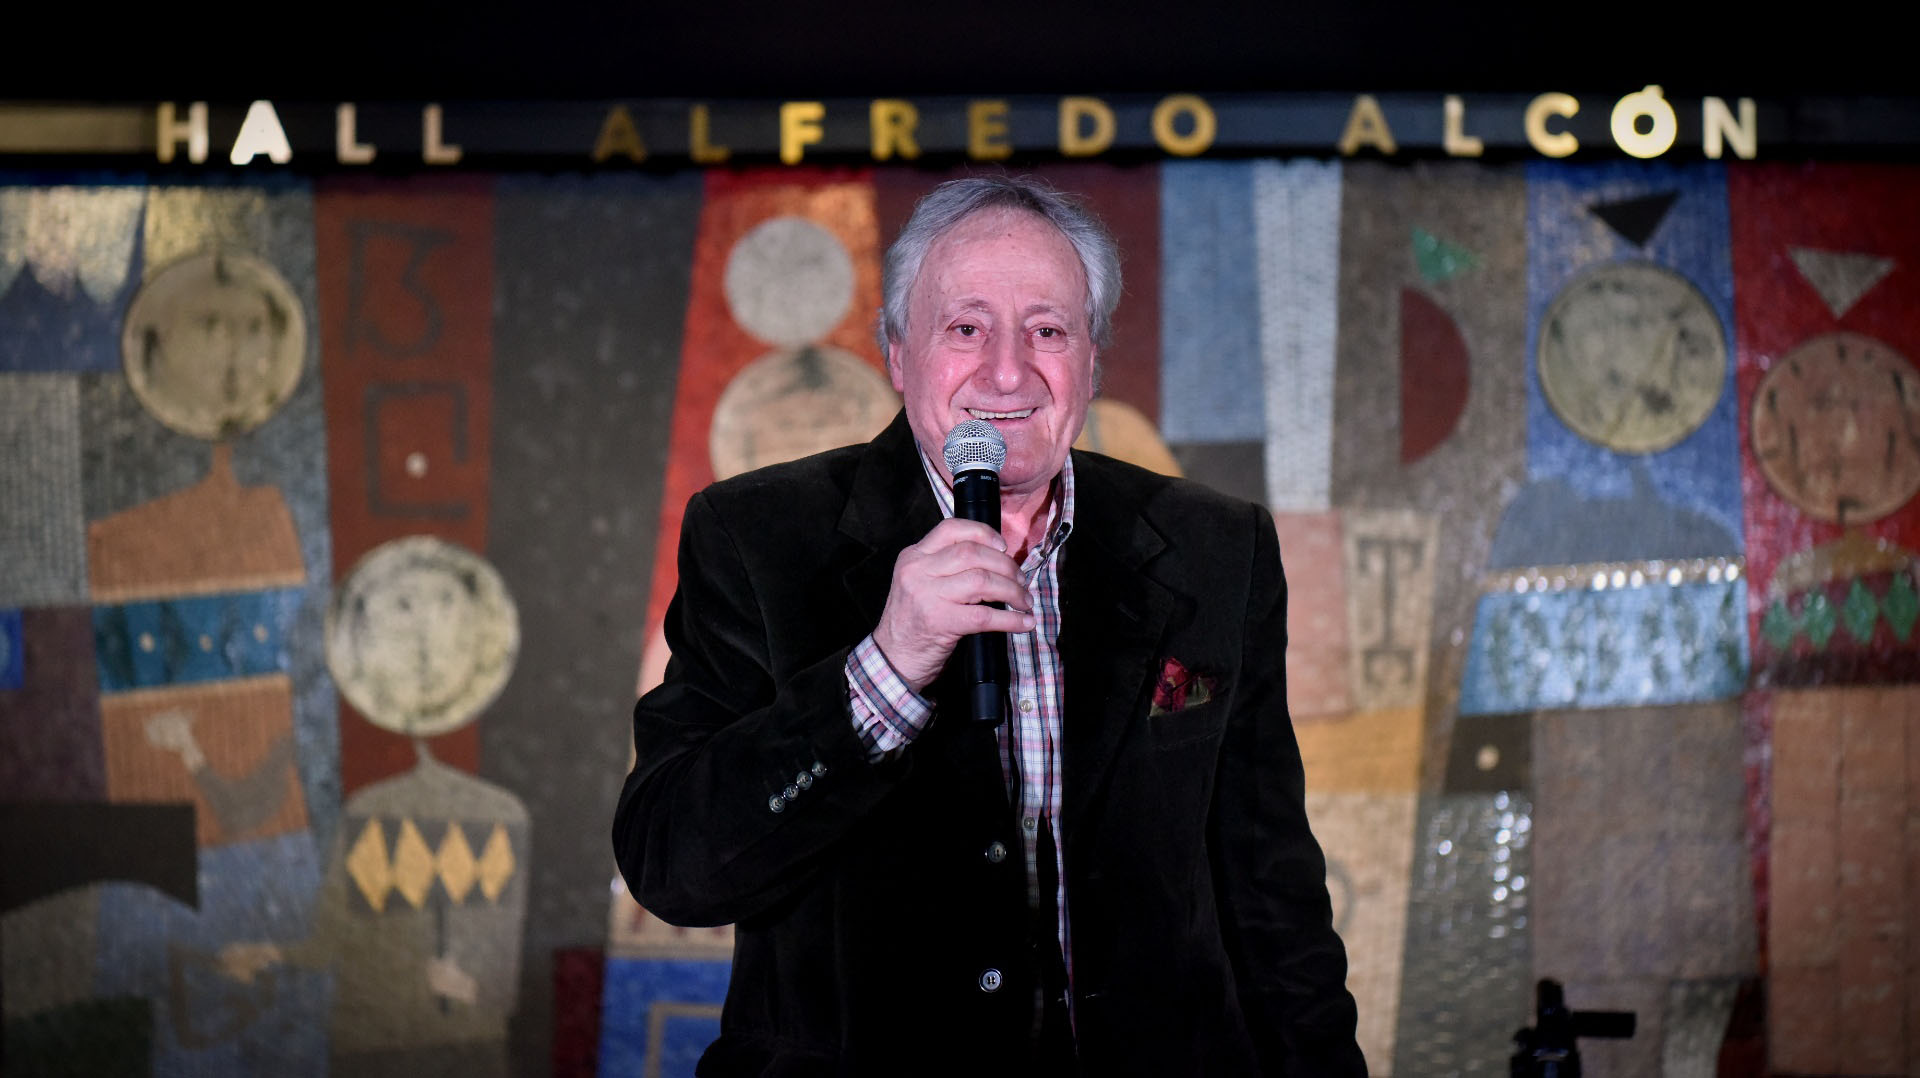 La actividad tuvo lugar en el Hall Central Alfredo Alcón